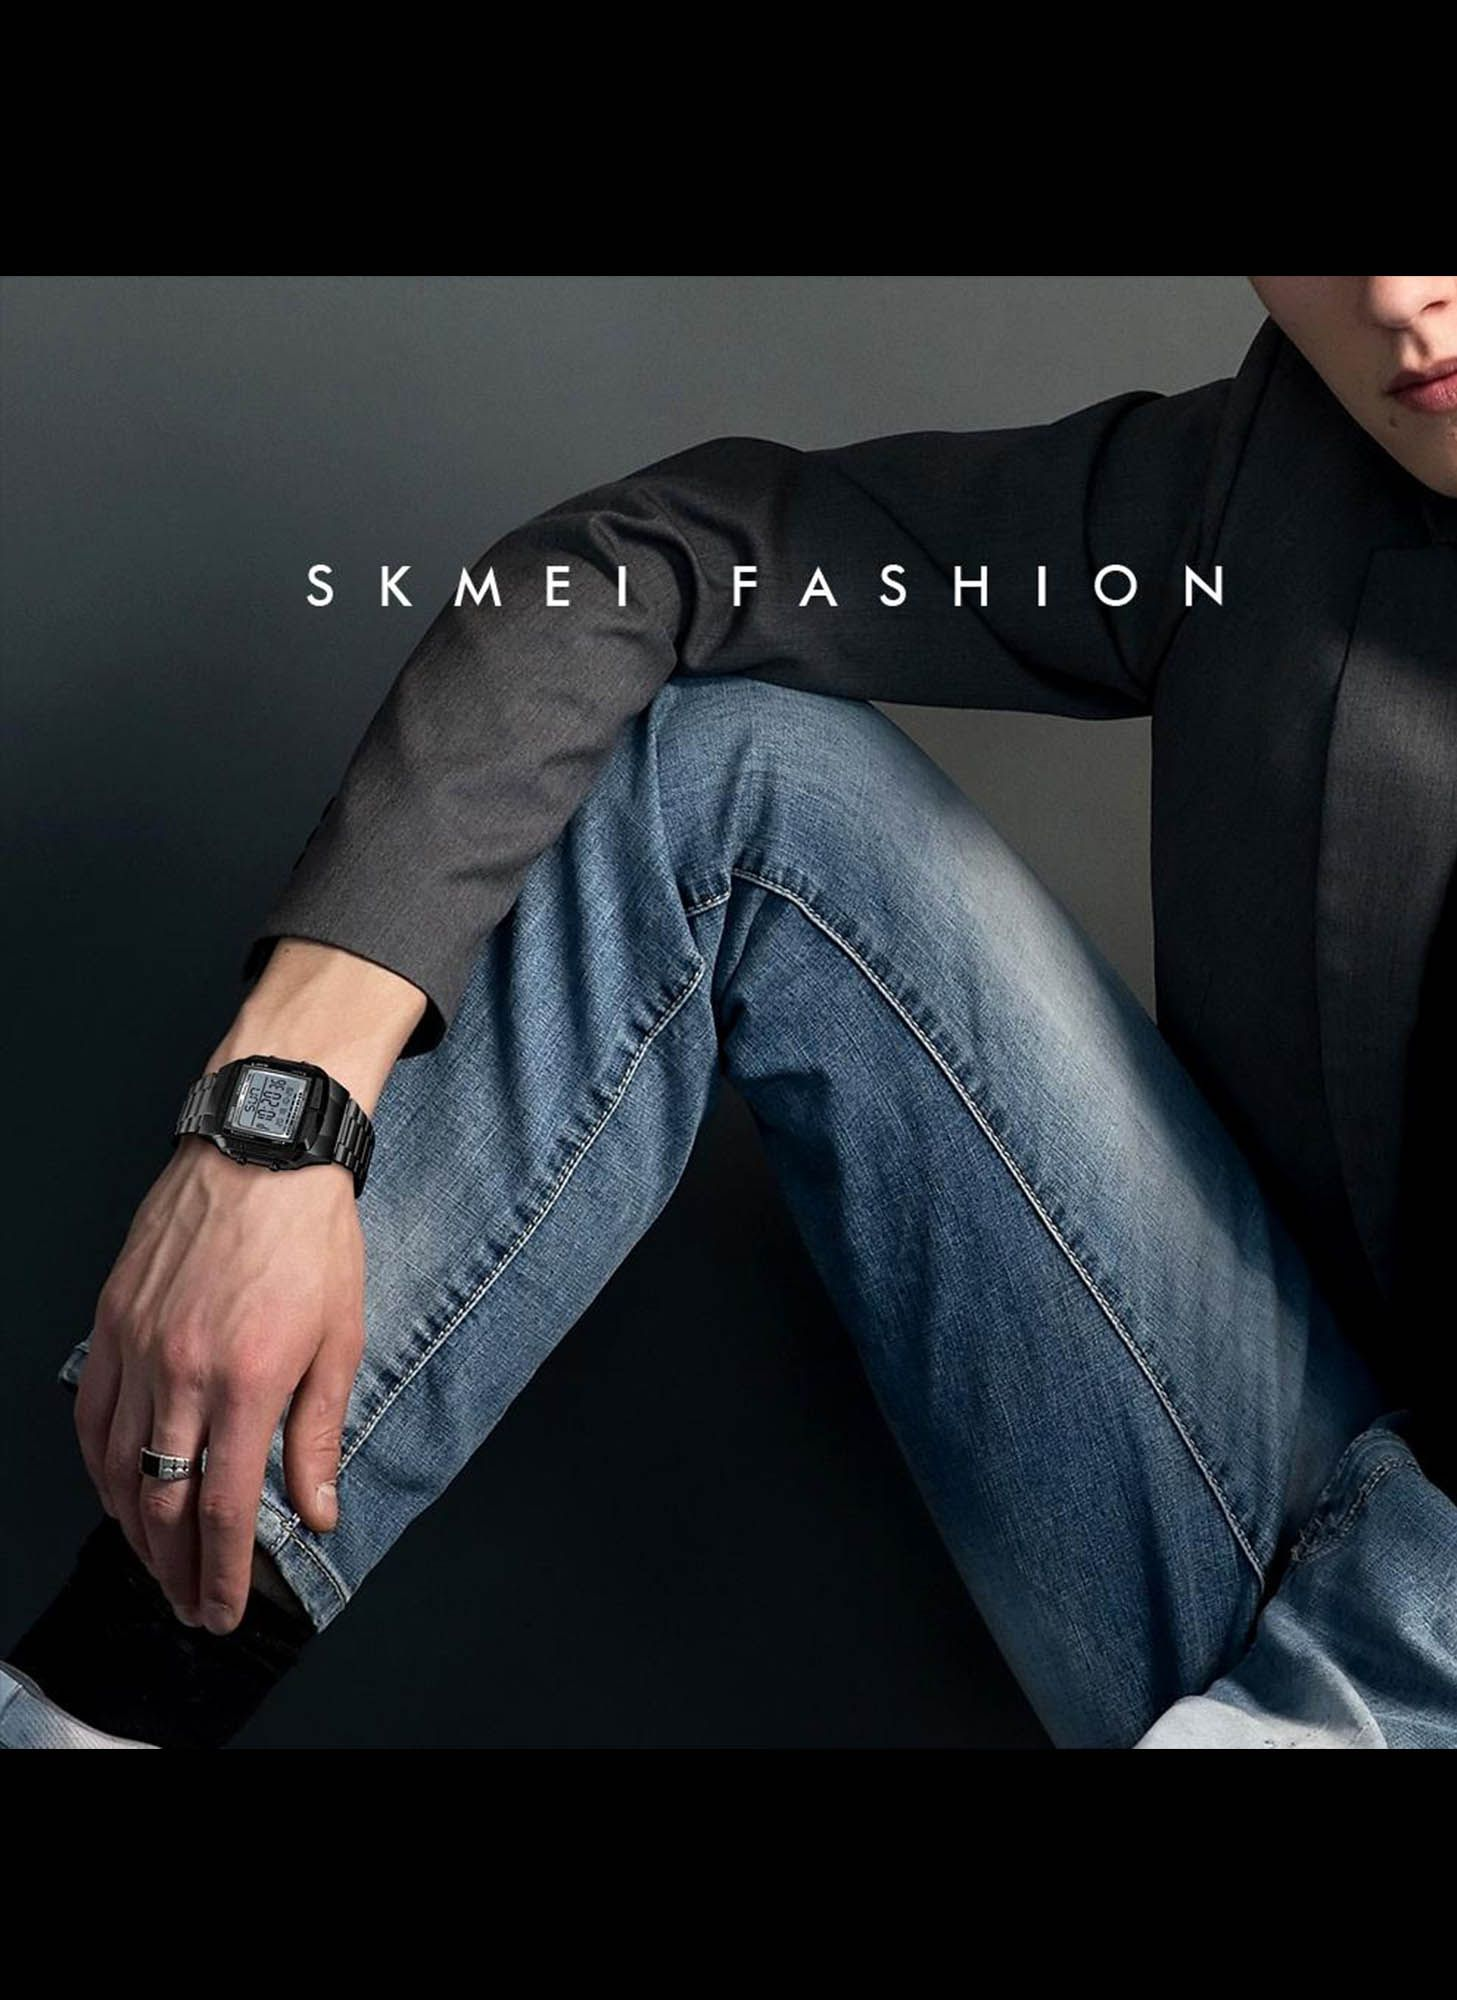 SKMEI SPORTS INOX BLACK